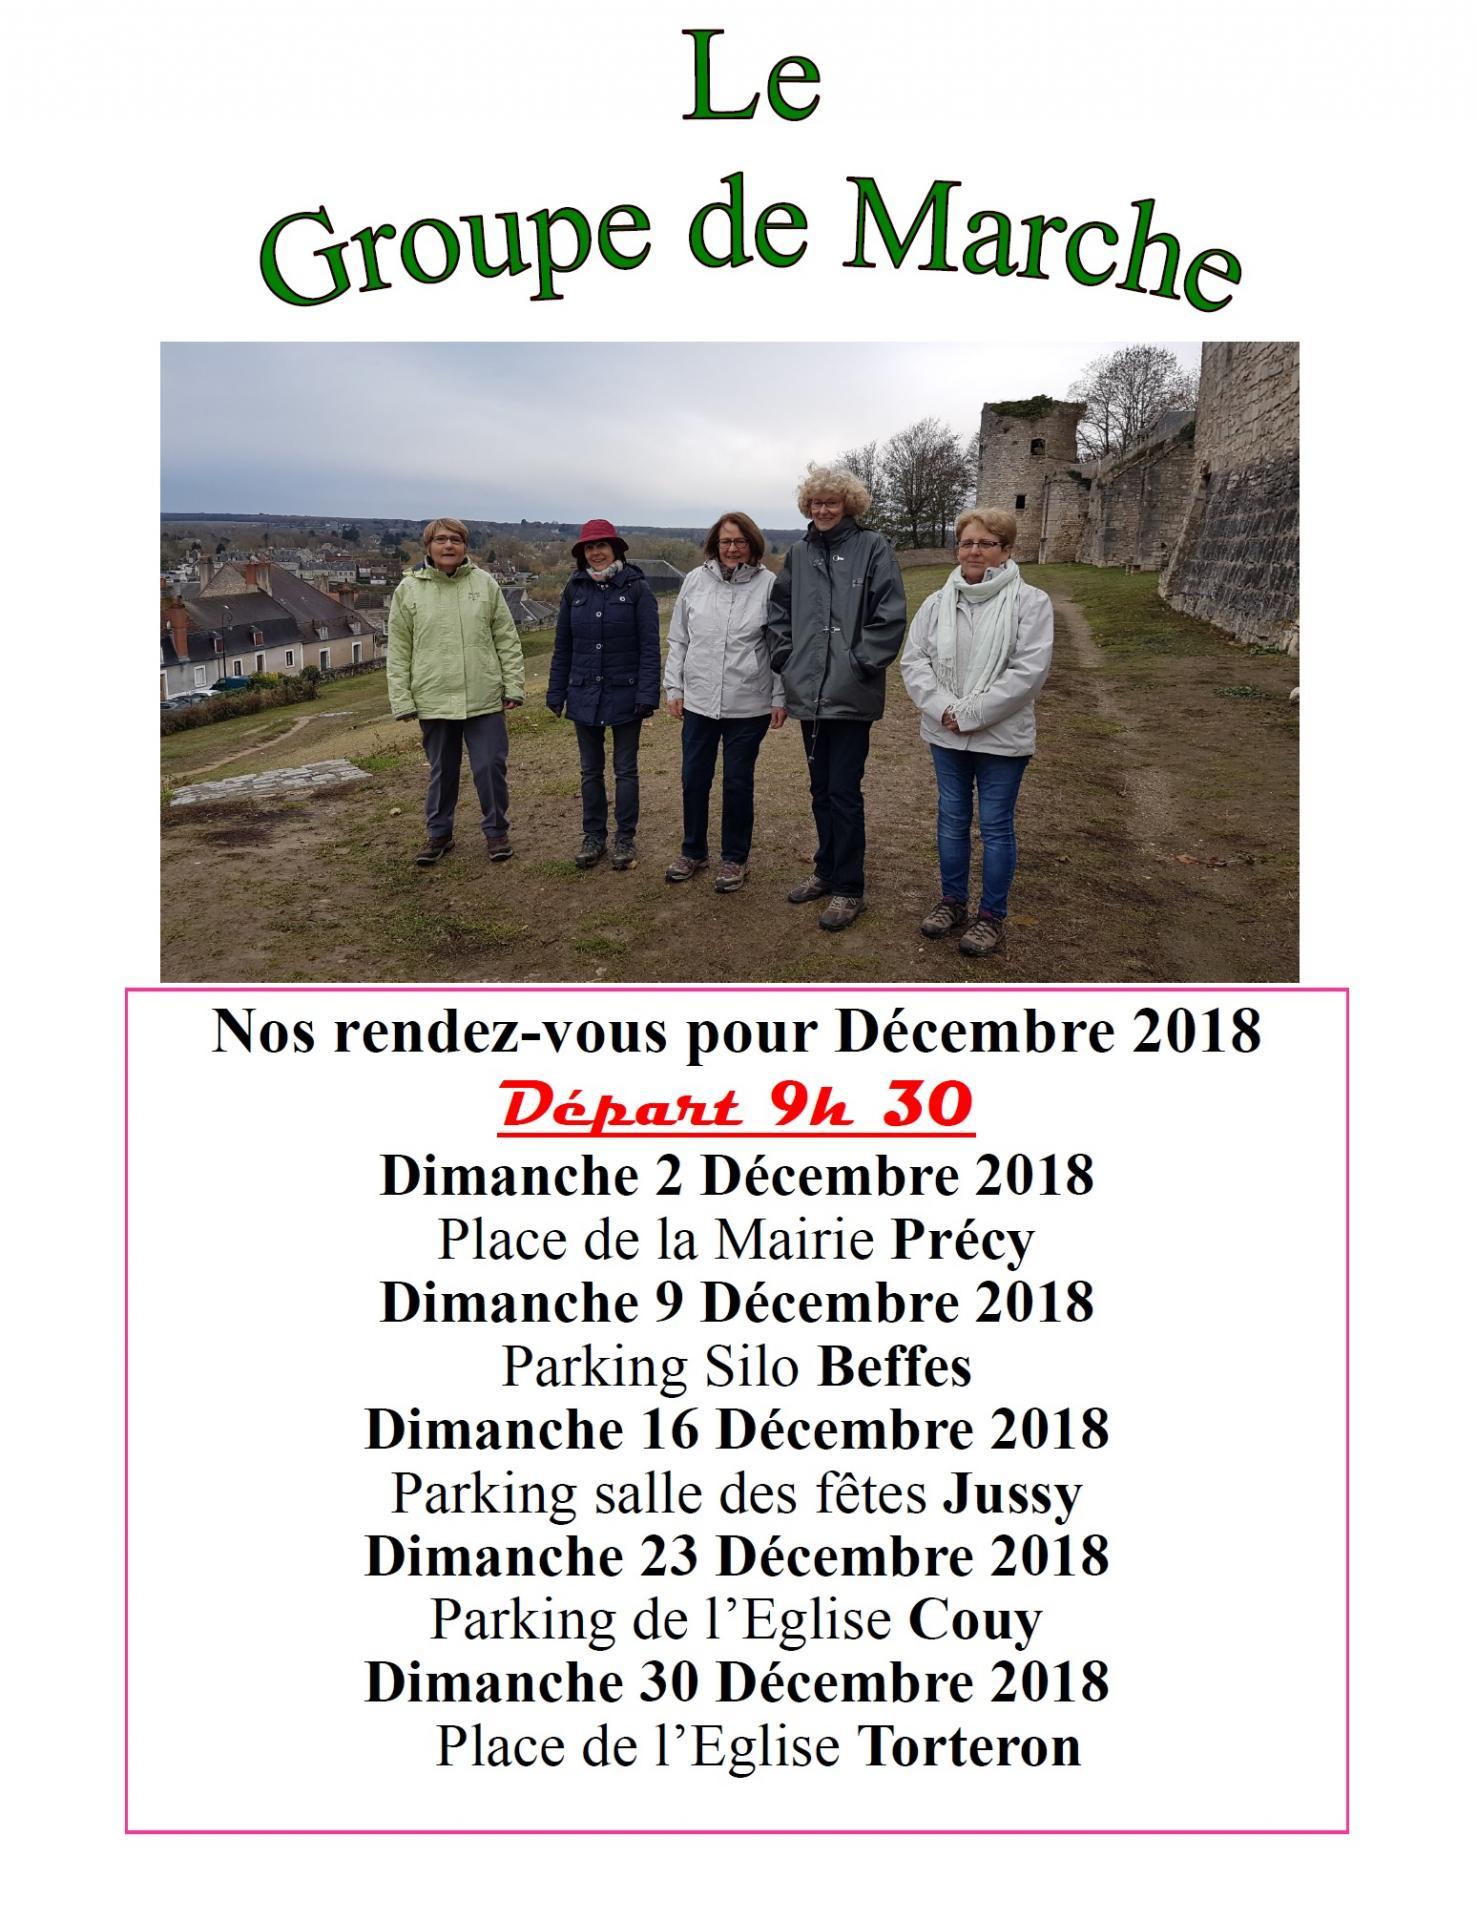 Groupe de marche dec 2018